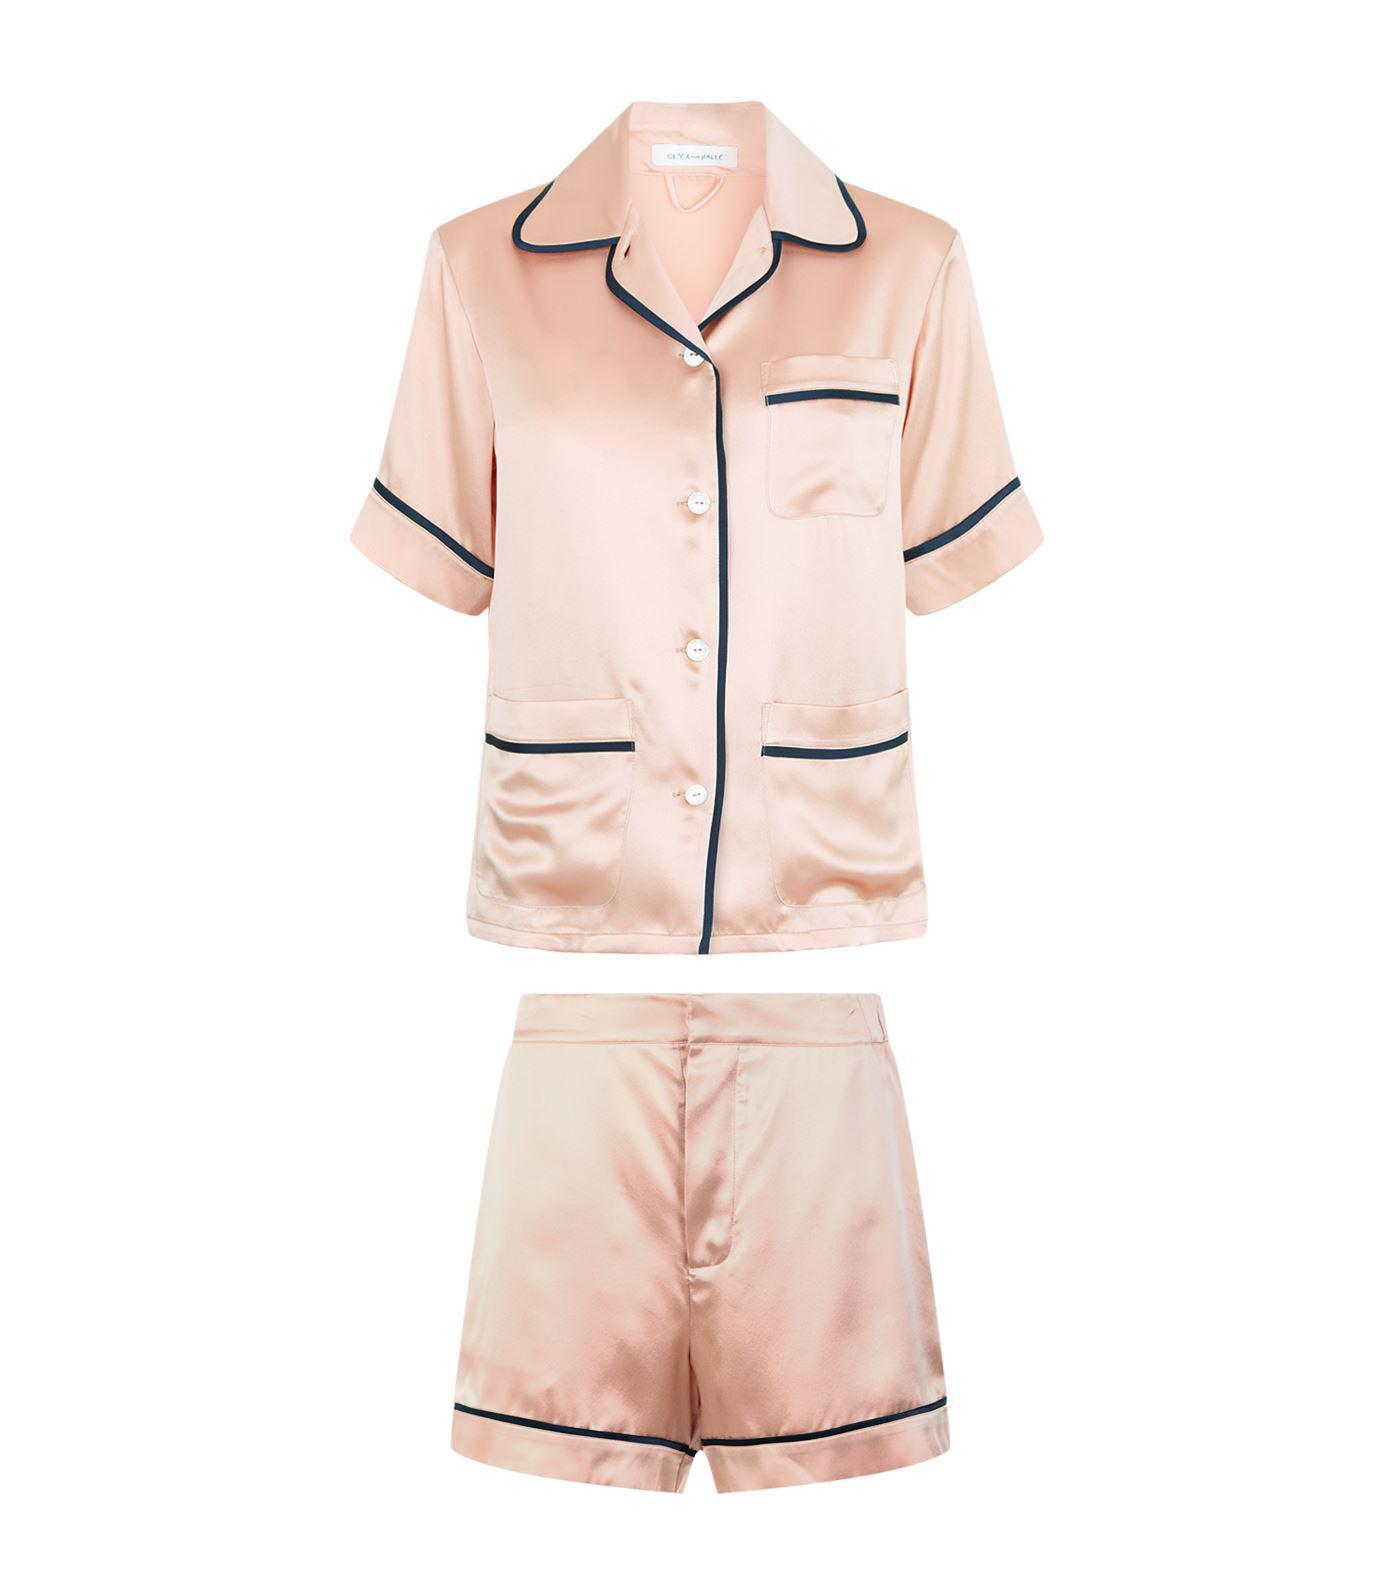 Lyst - Olivia Von Halle Millicent Short Sleeve Pyjama Set in Pink 202efffeb